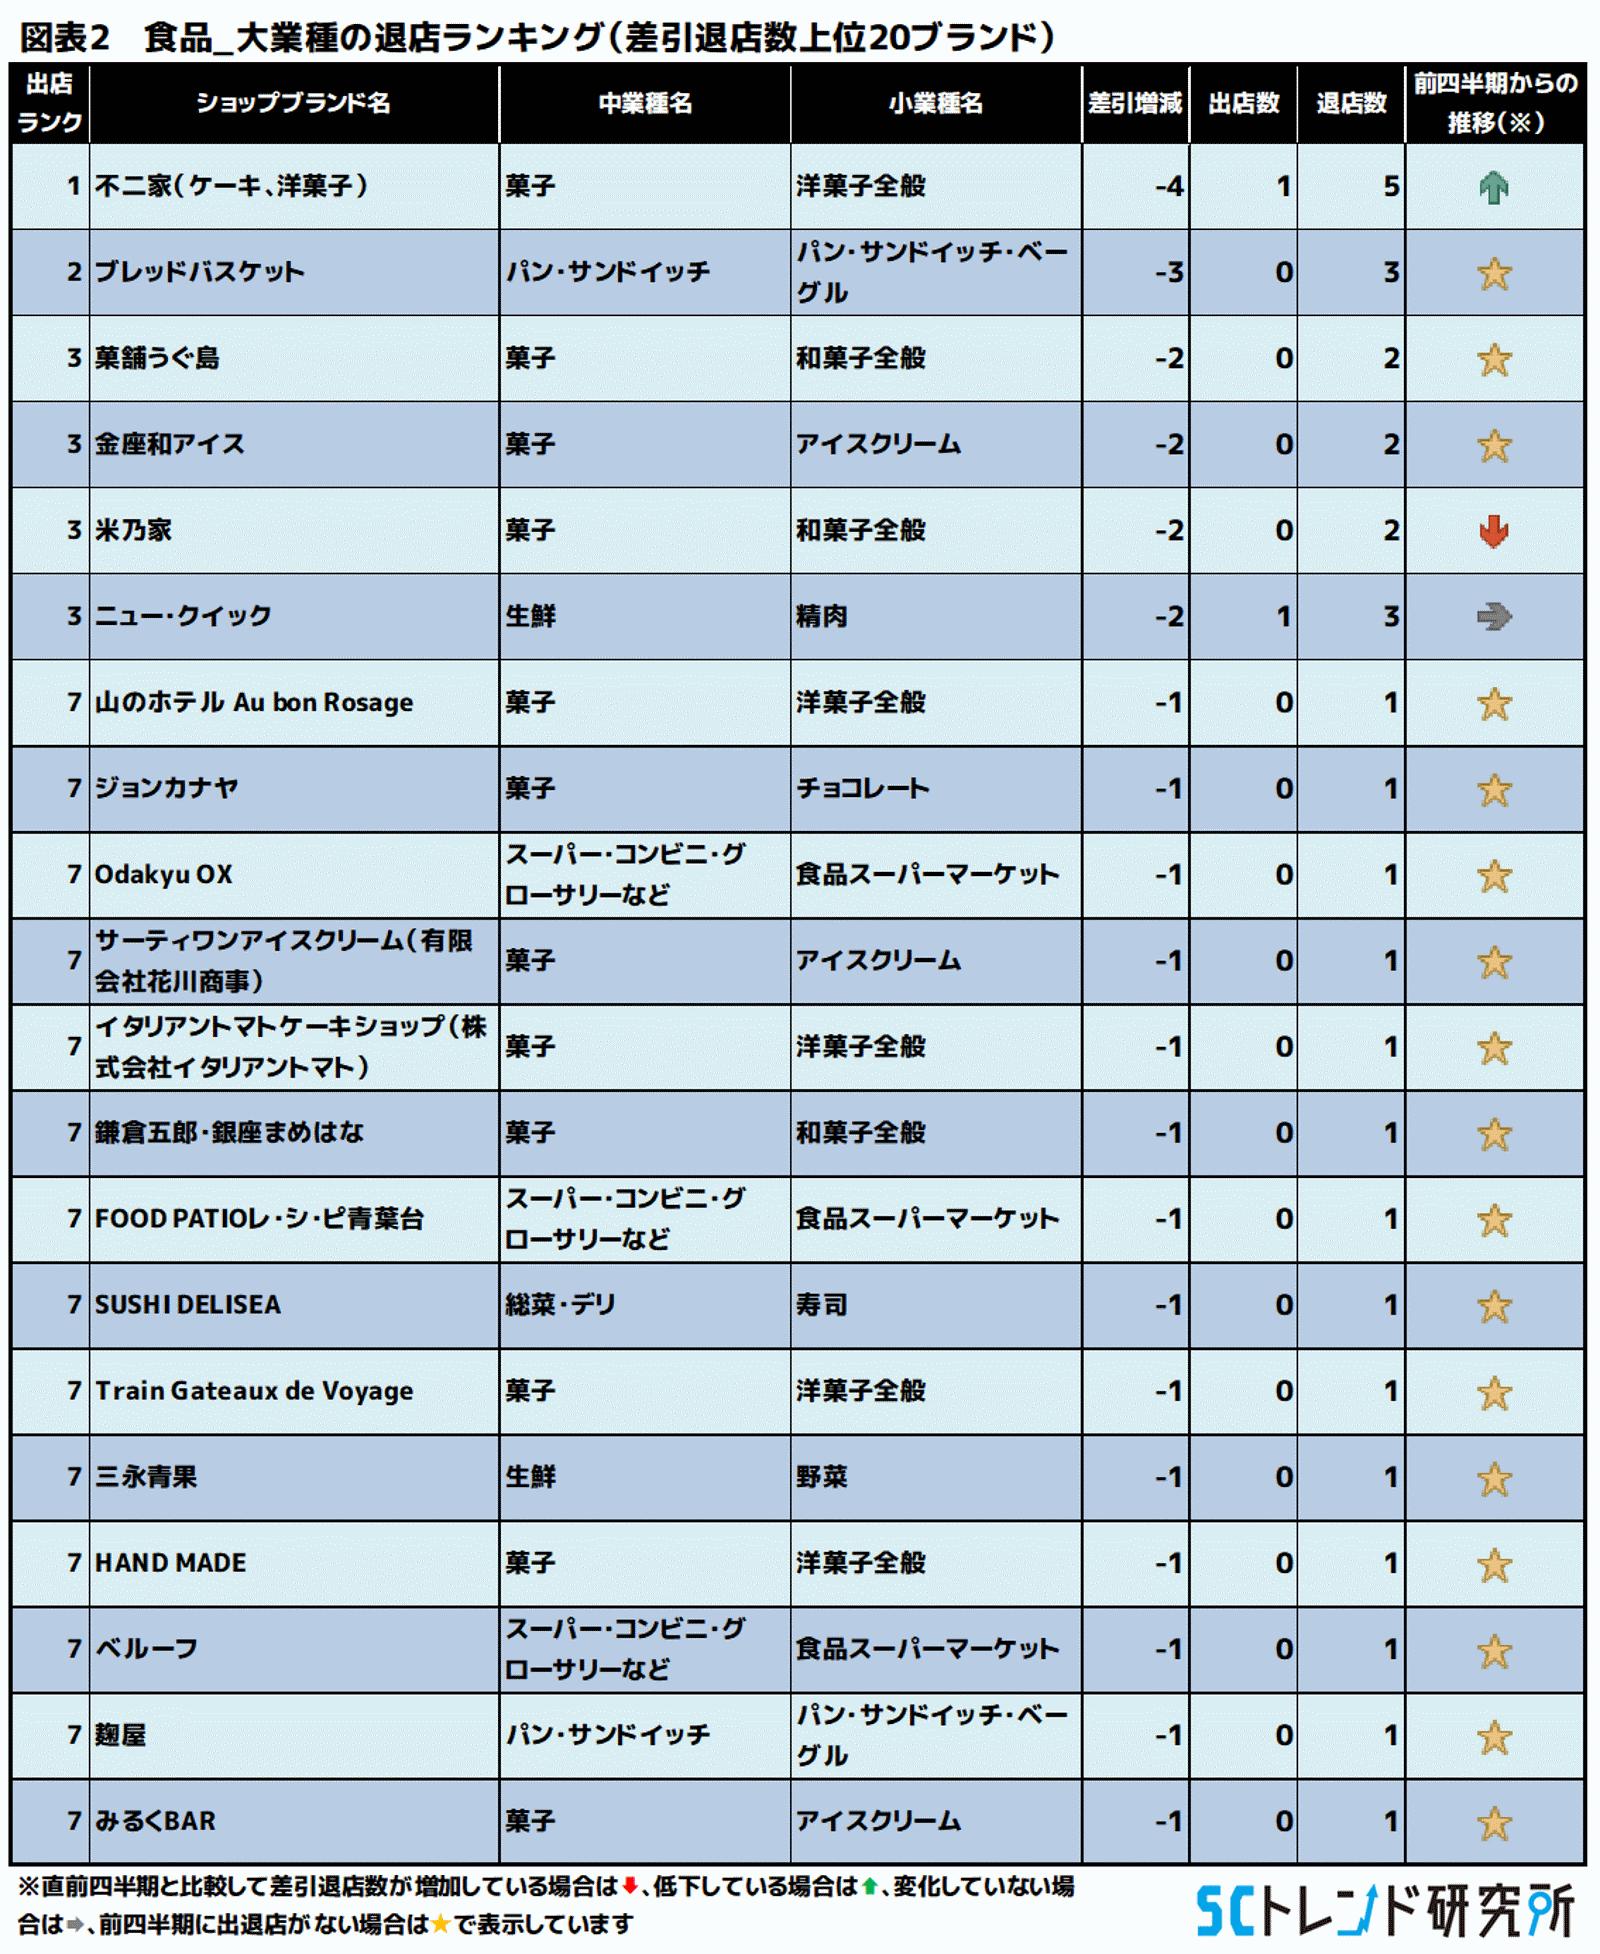 図表2 食品_大業種の退店ランキング(差引退店数上位20ブランド)